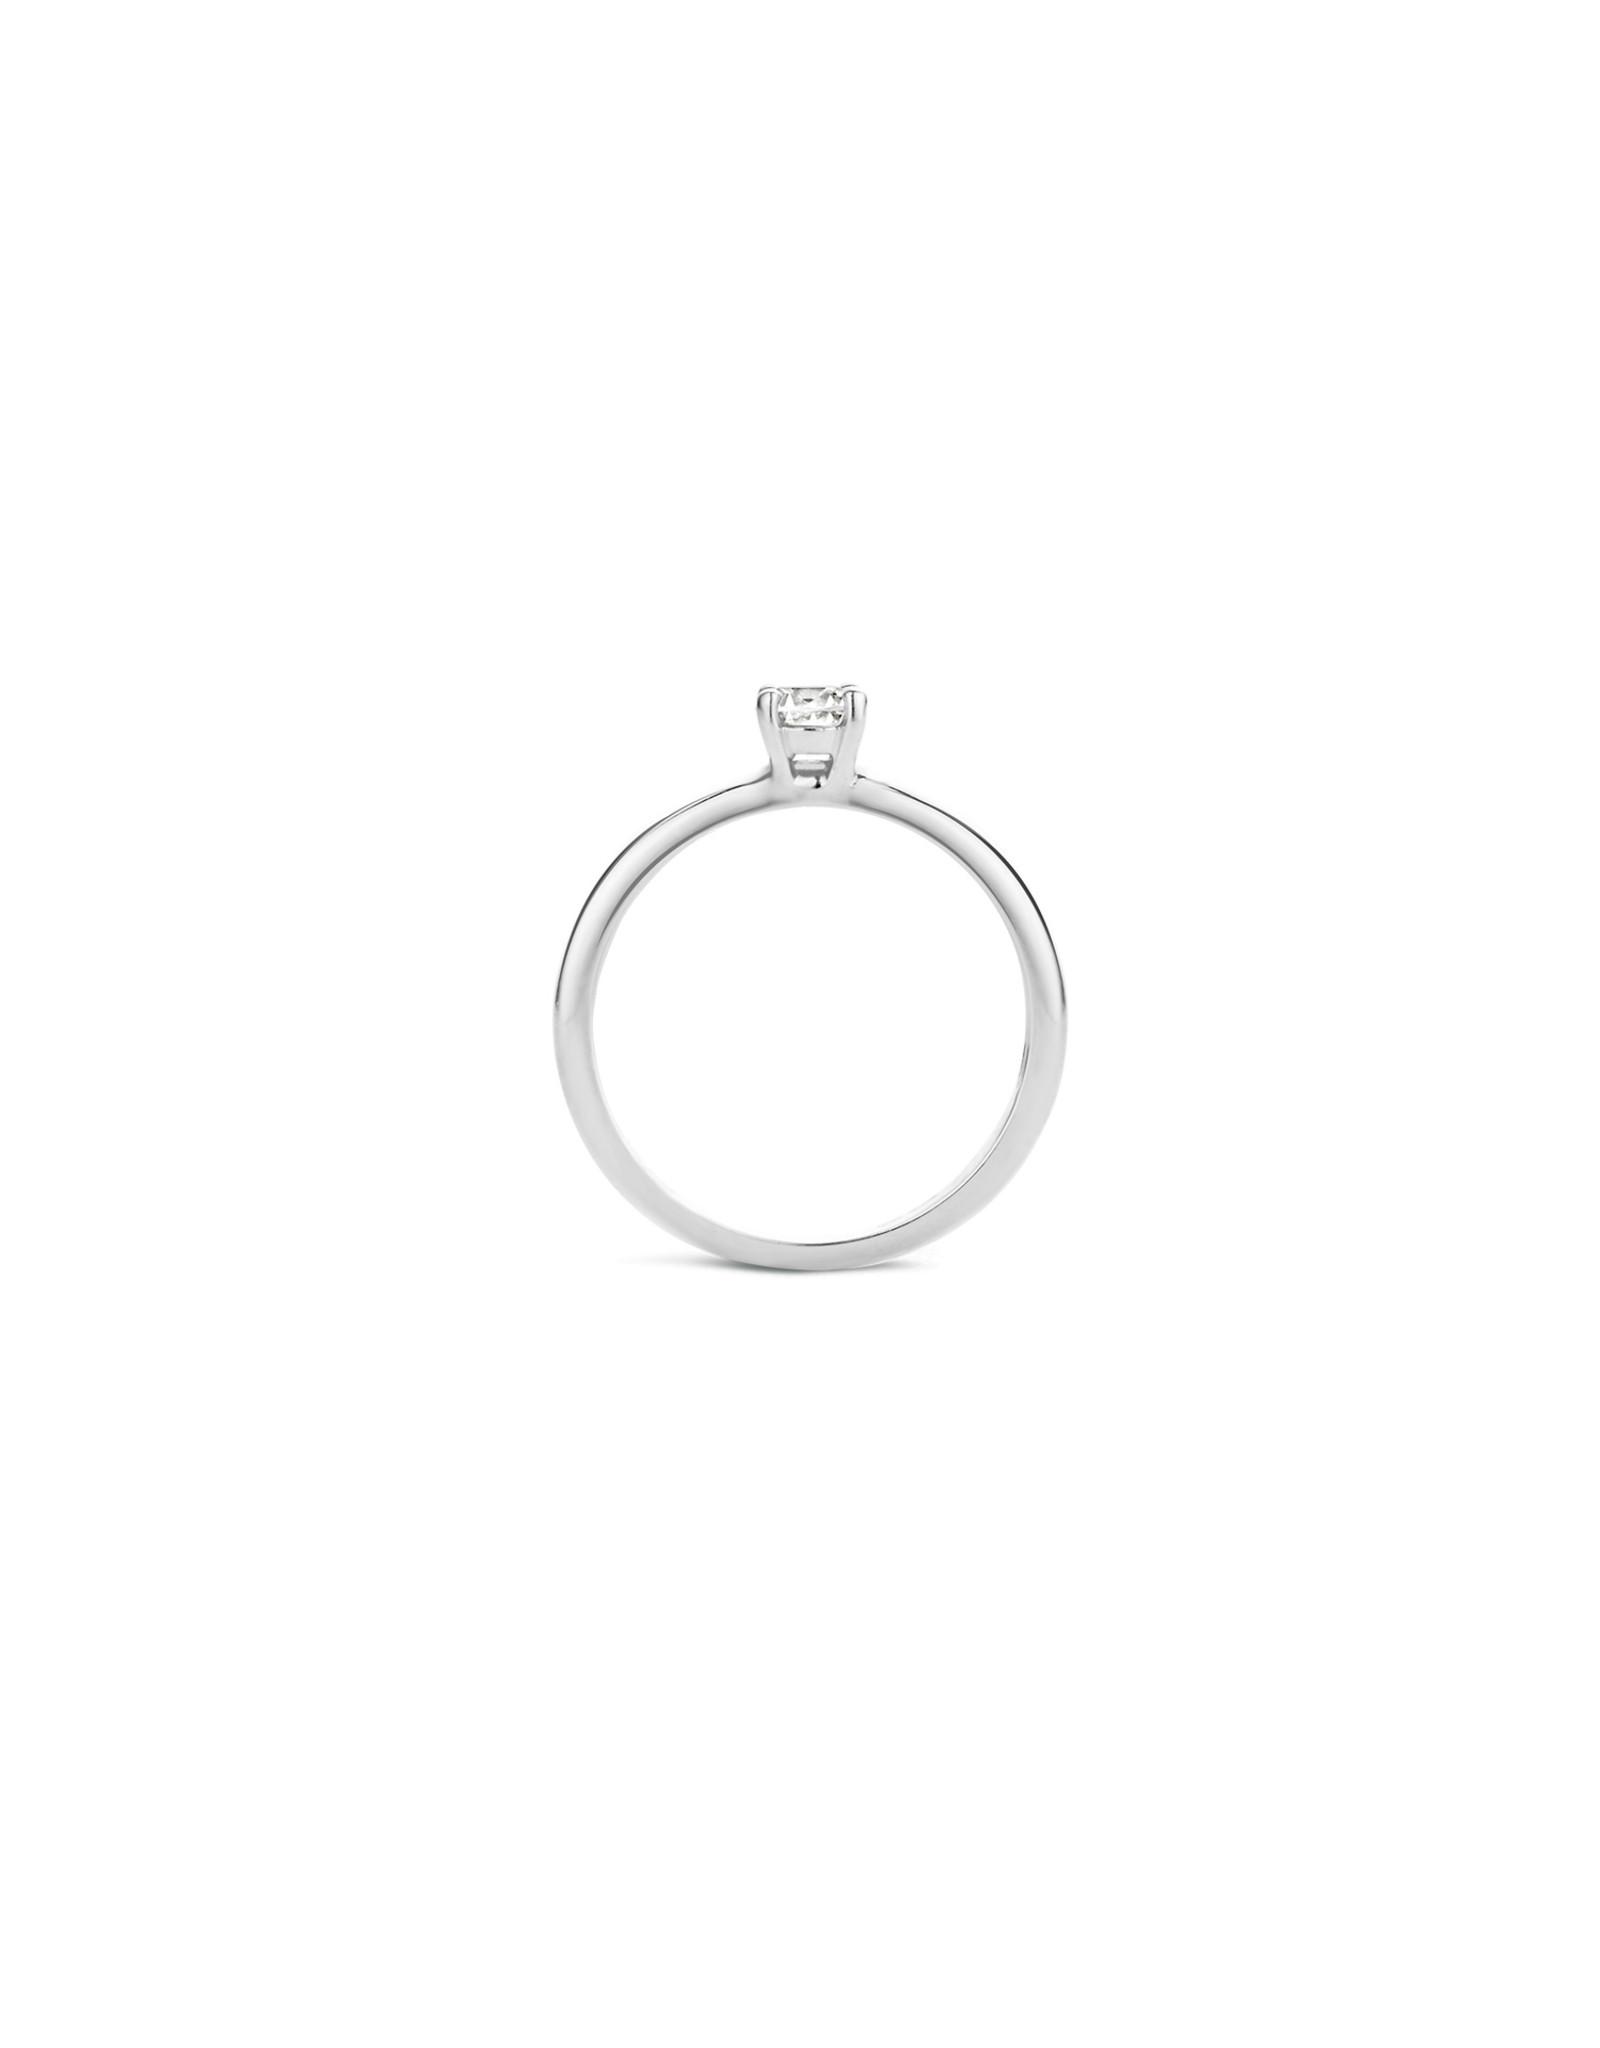 blush Ring wit goud 14kt 1133WZI zircoon maat 50